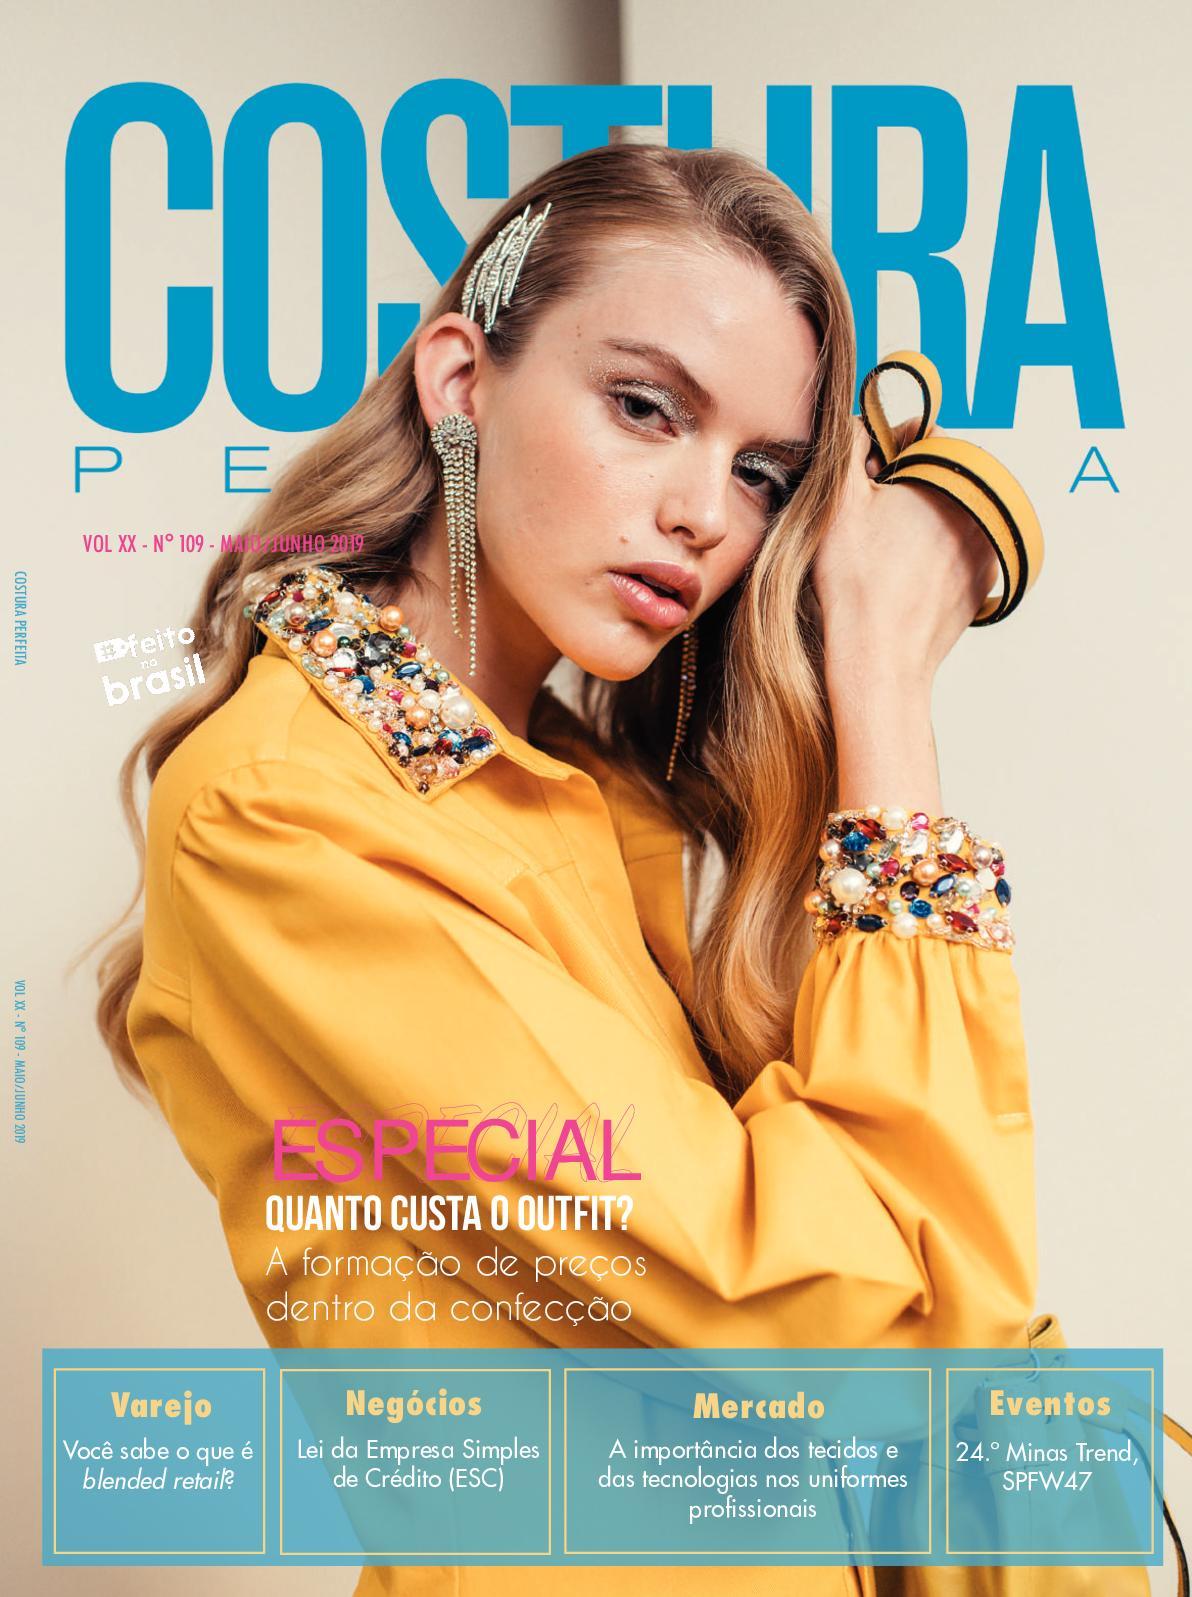 Revista Costura Perfeita Edição Ano XX - N109 - Maio/Junho